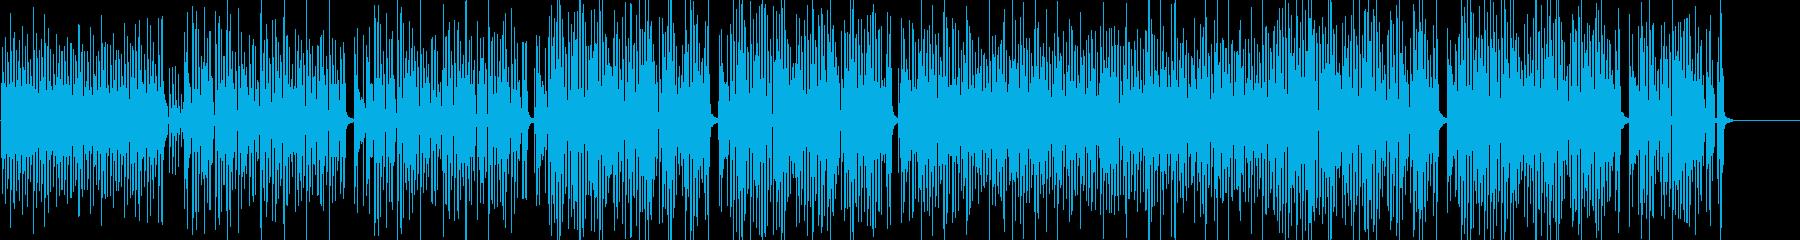 ■ボサノバ・マリンバ・ゆったり・ほのぼのの再生済みの波形